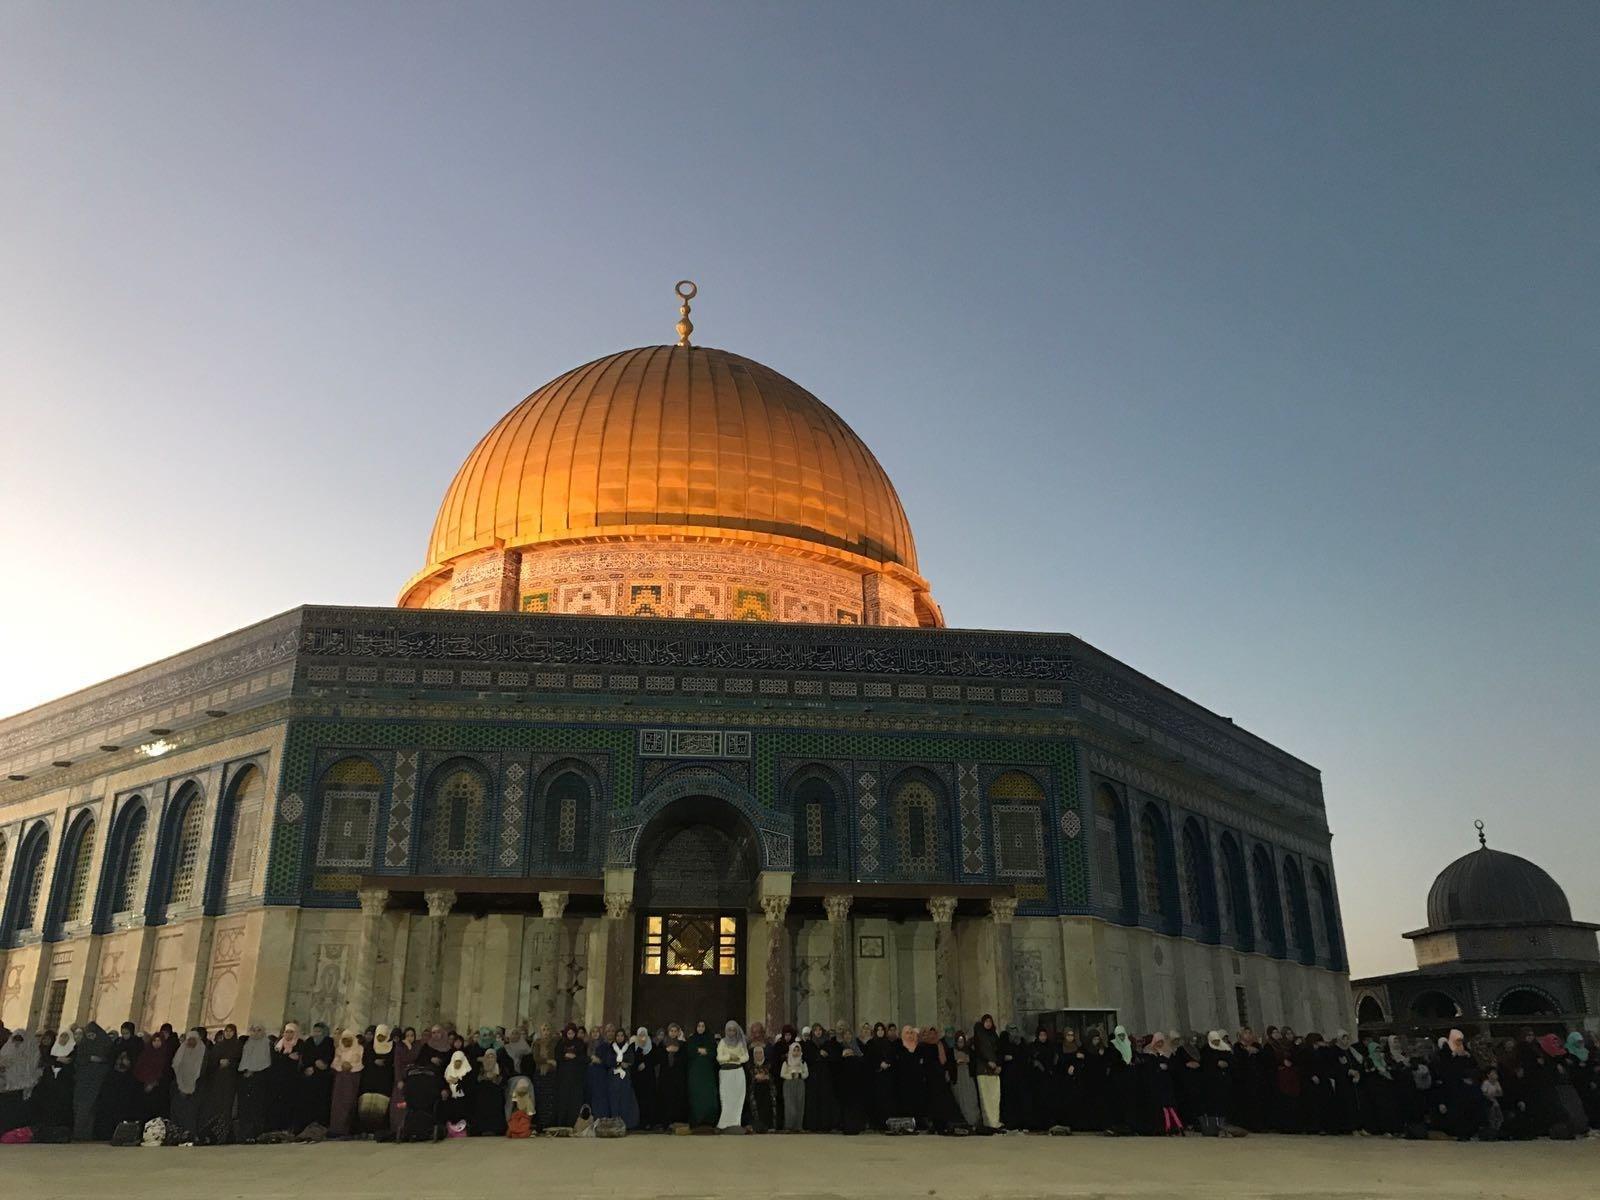 إغلاق المسجد الأقصى بسبب فيروس كورونا